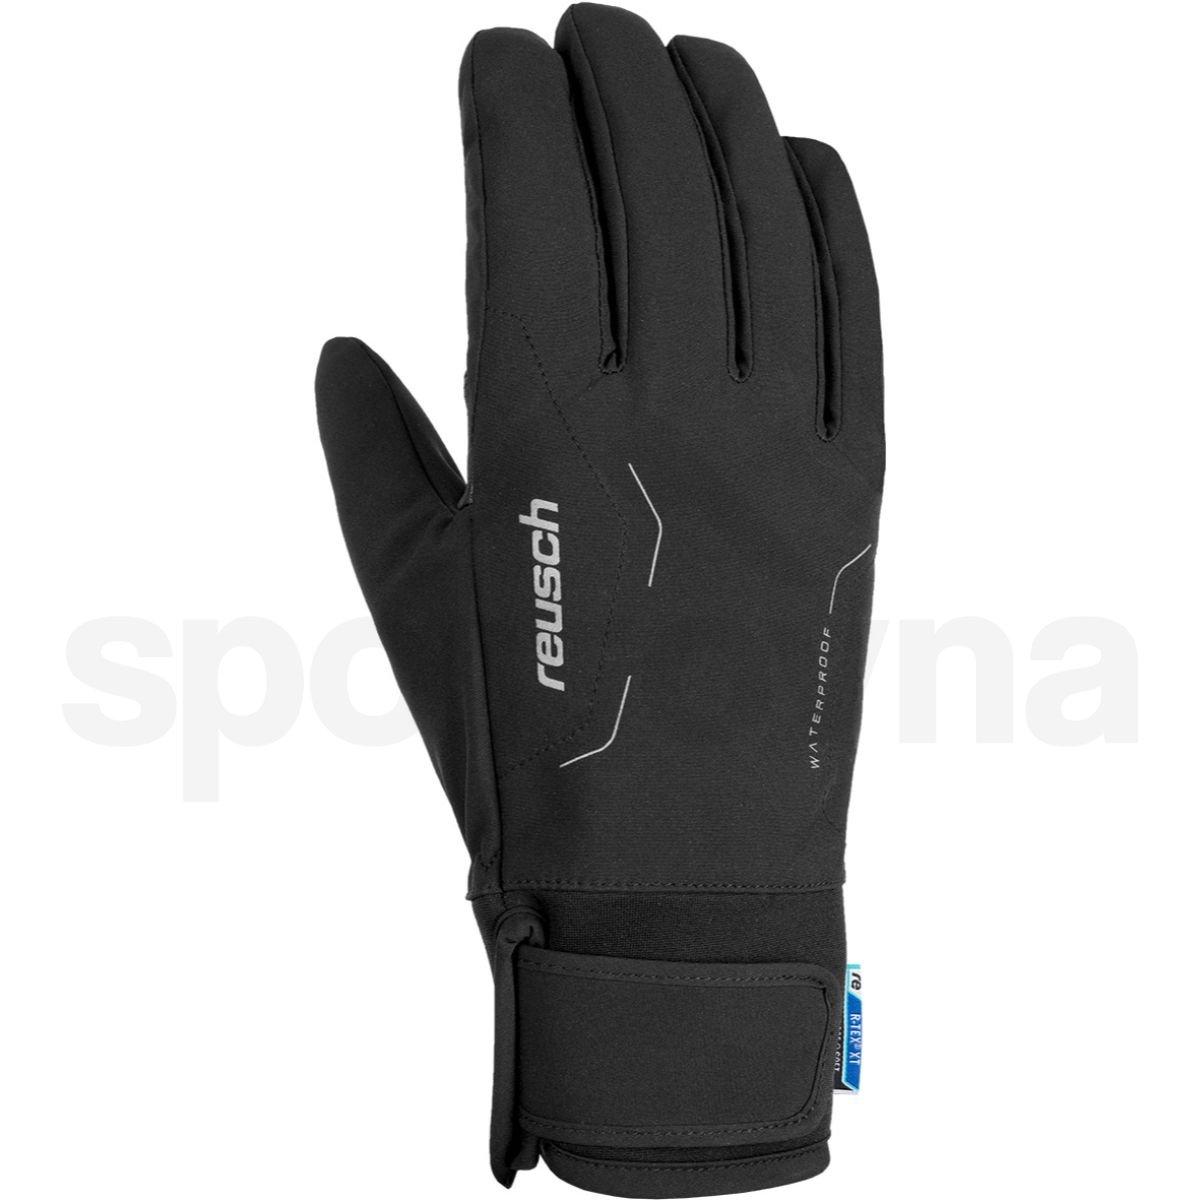 reusch-diver-r-tex-xt-handschoenen-4905232-7702_2000x2000_238772